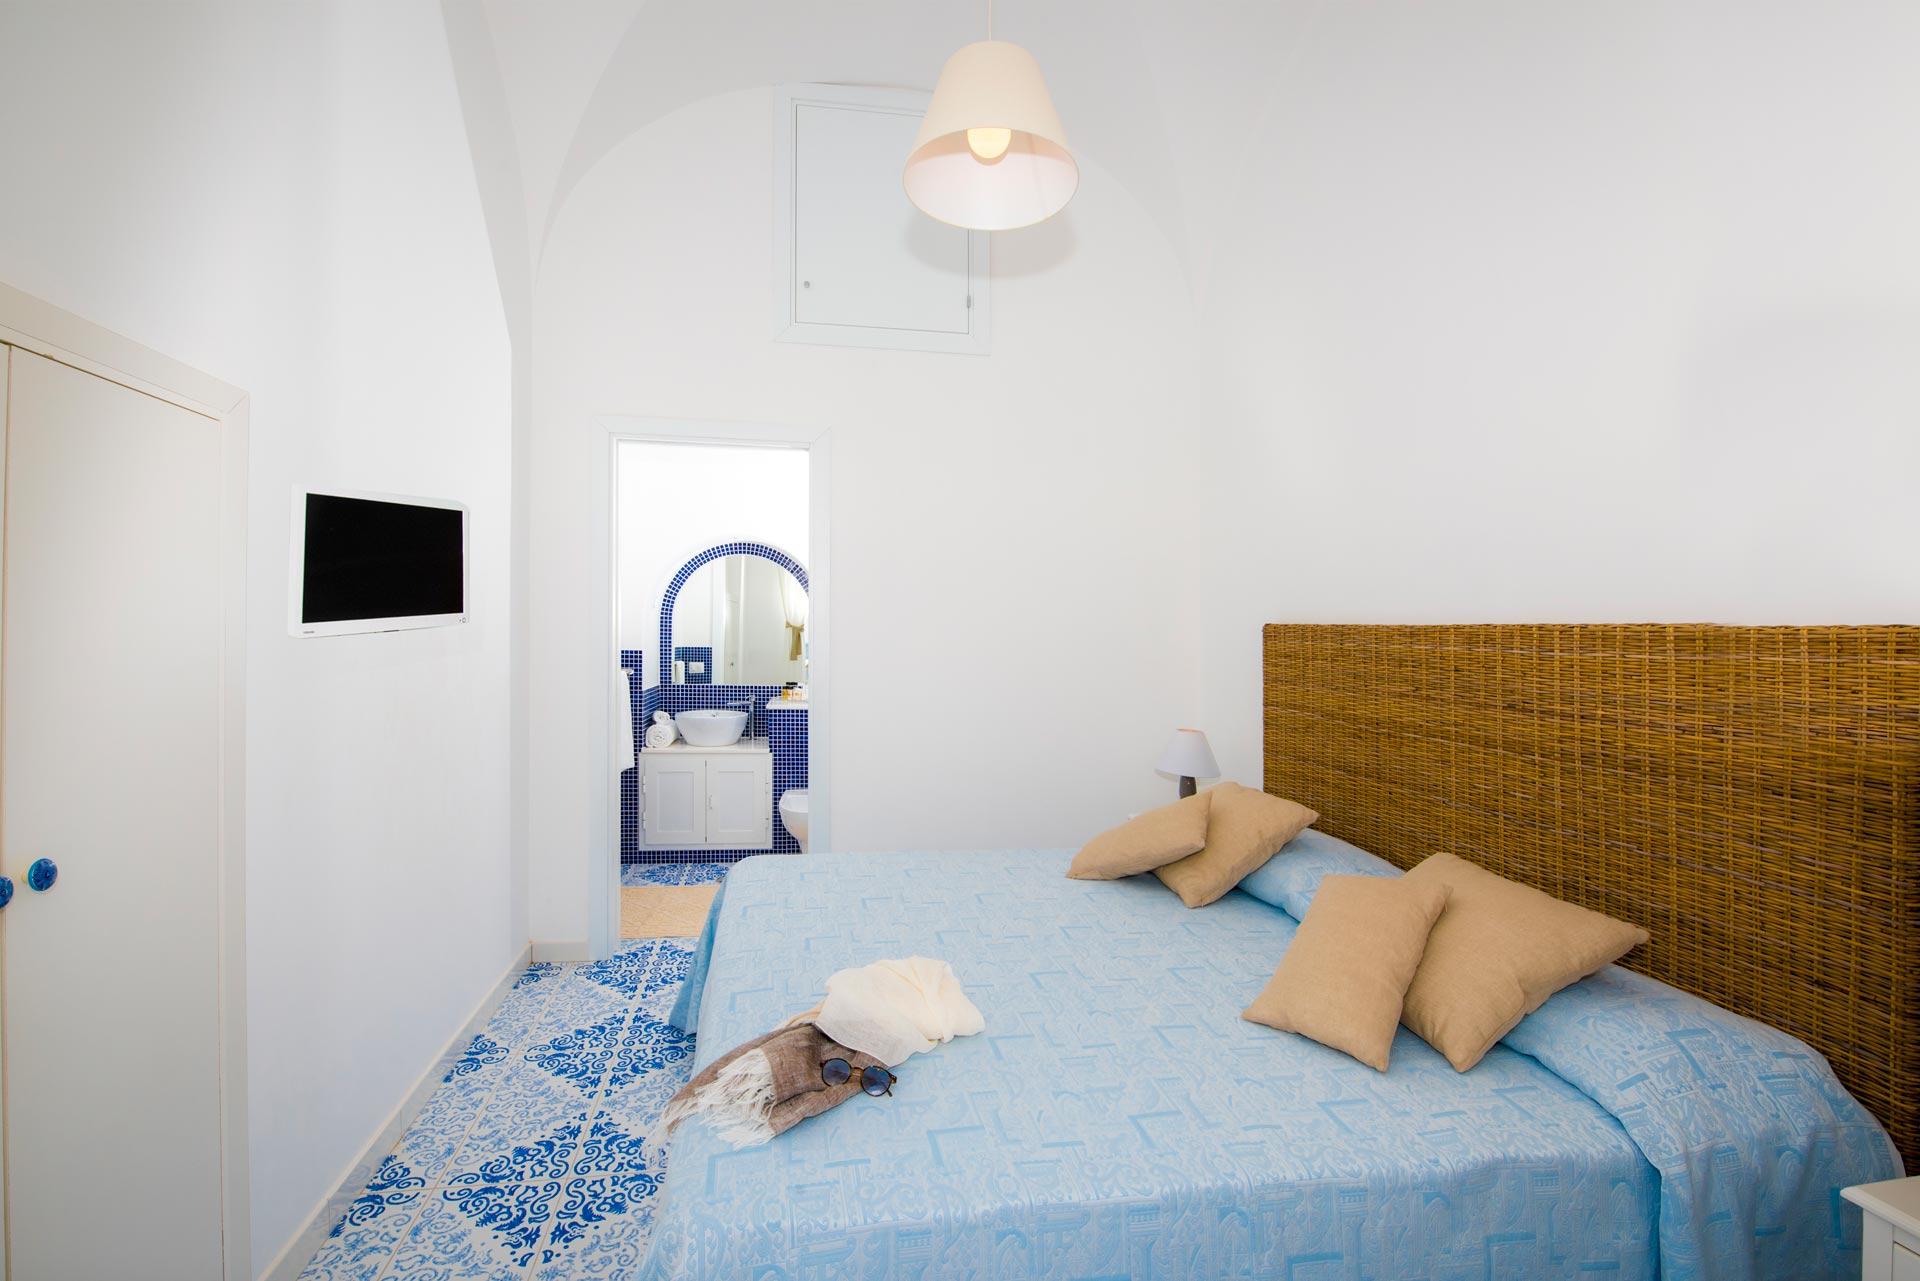 casa_fioravante_villa_positano_15_19_tv